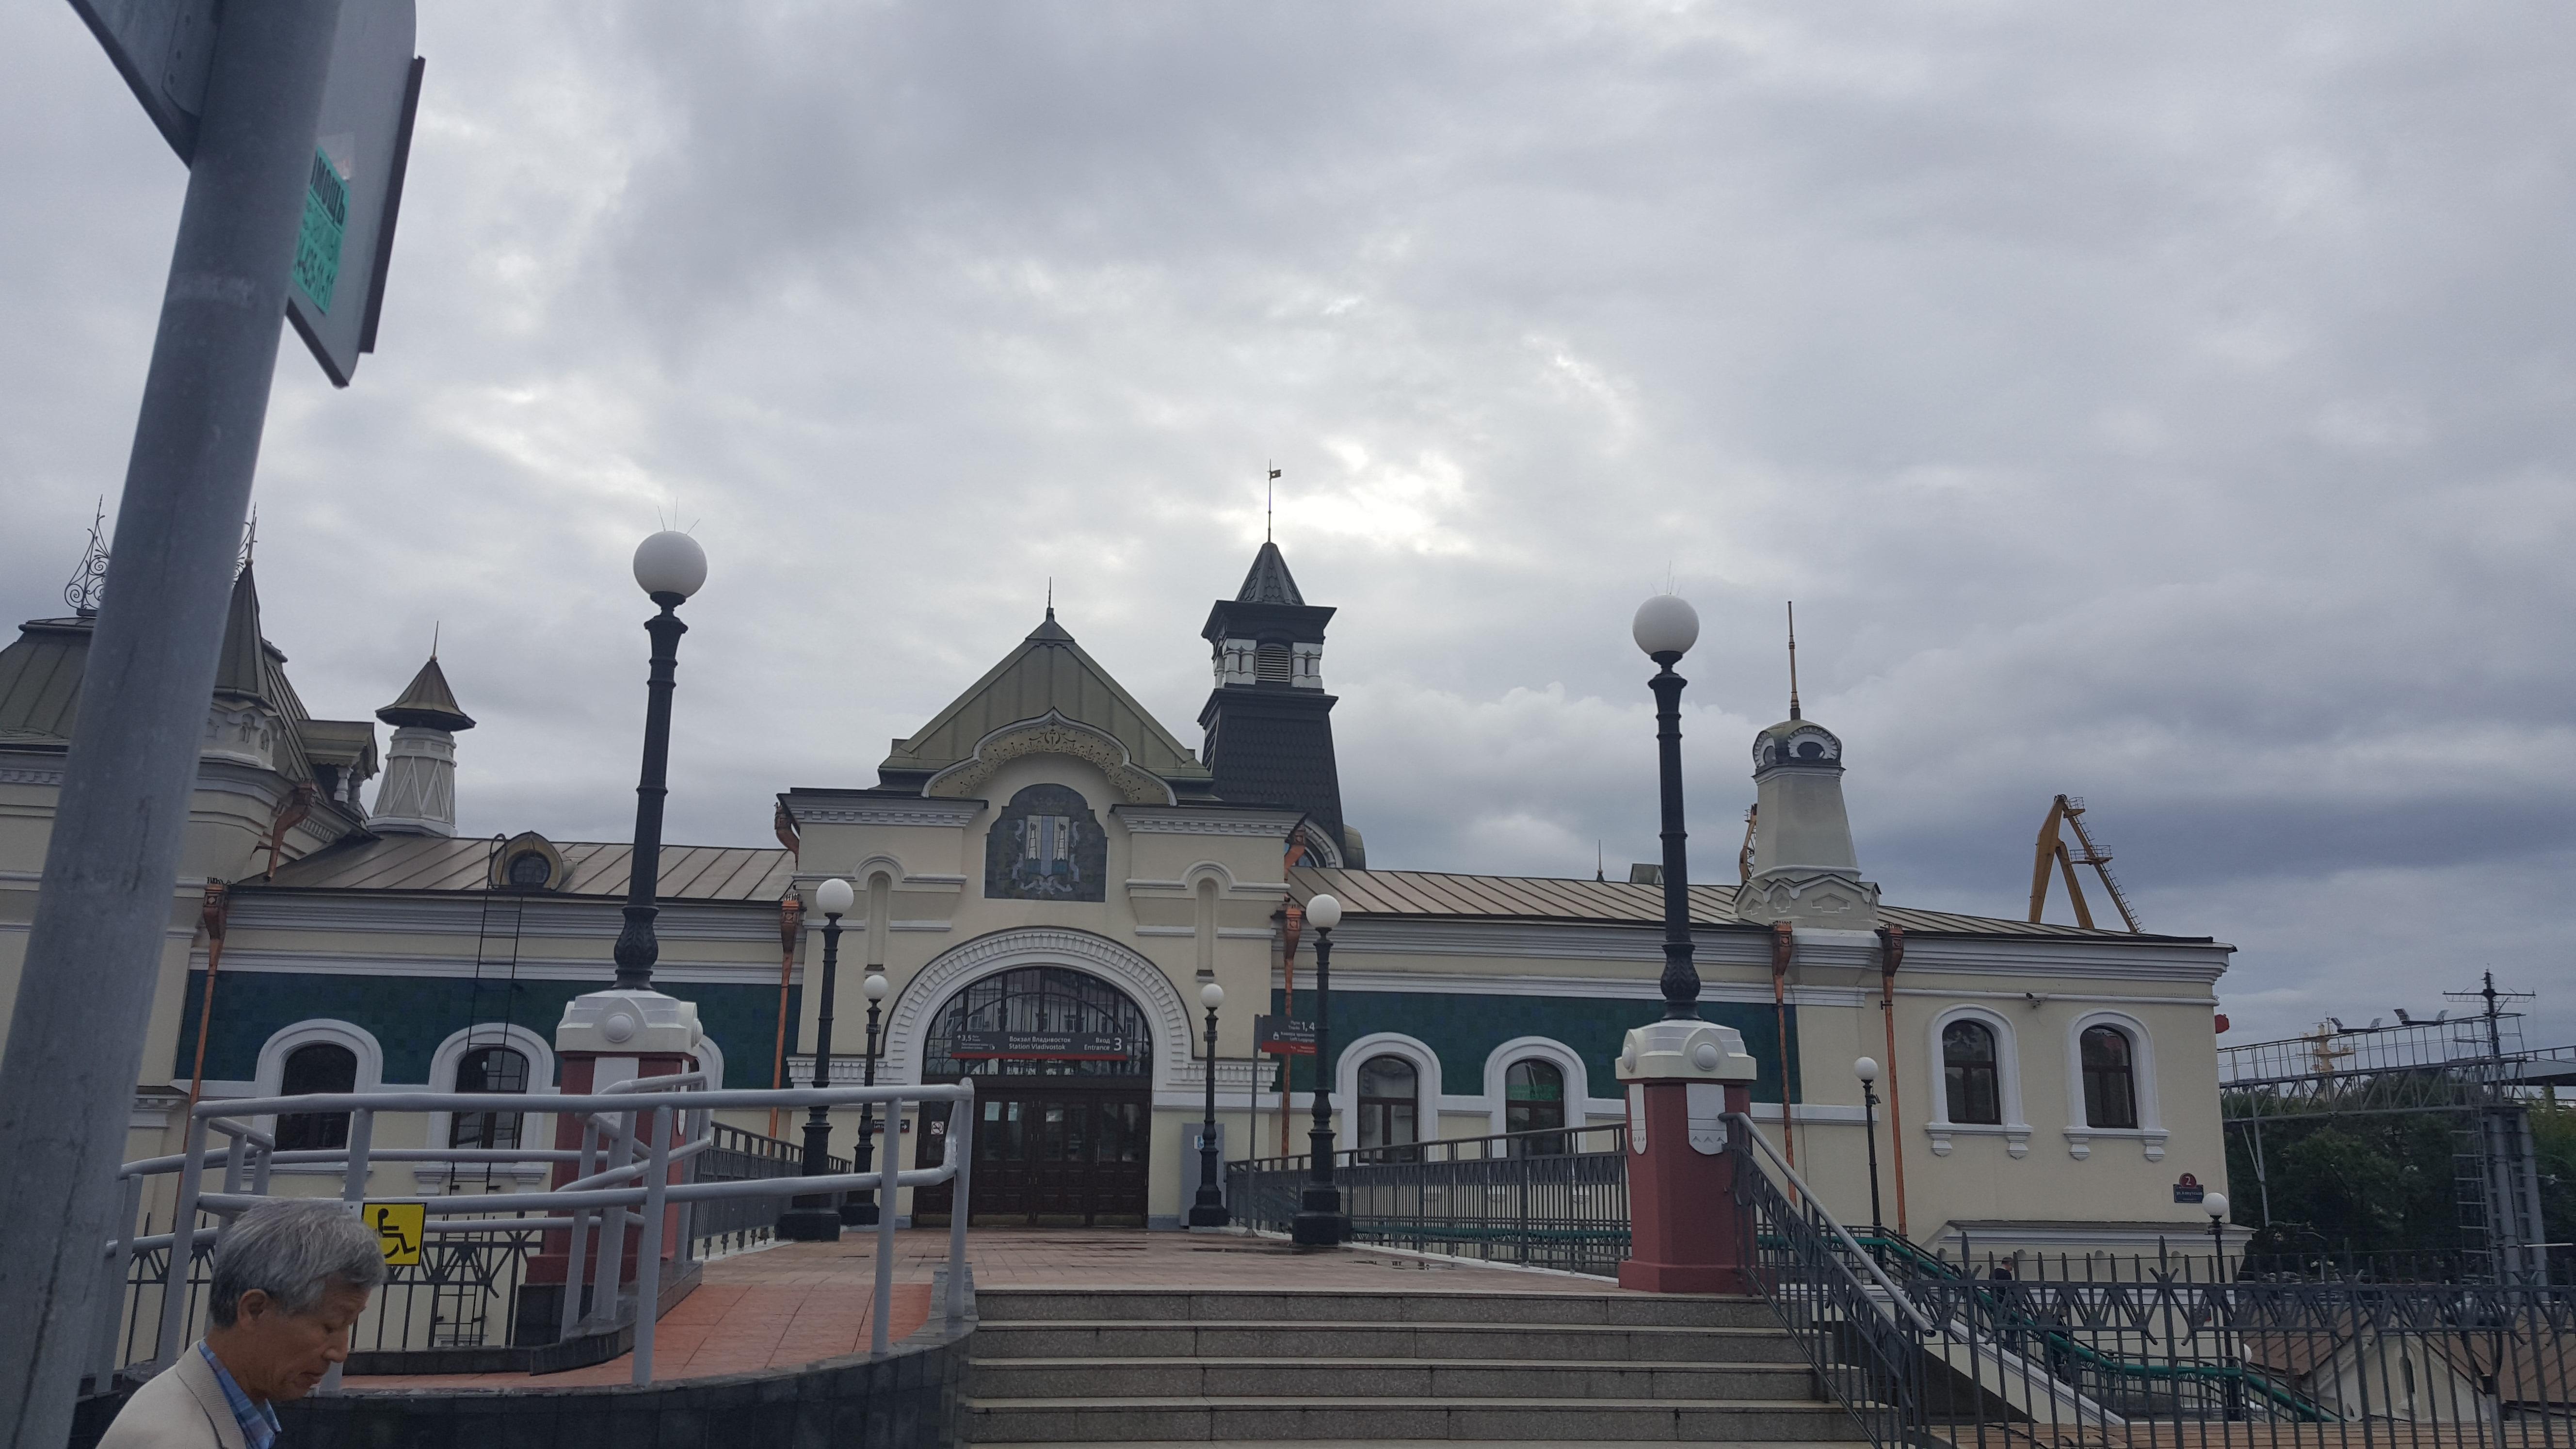 블라디보스토크 역 전경.jpg